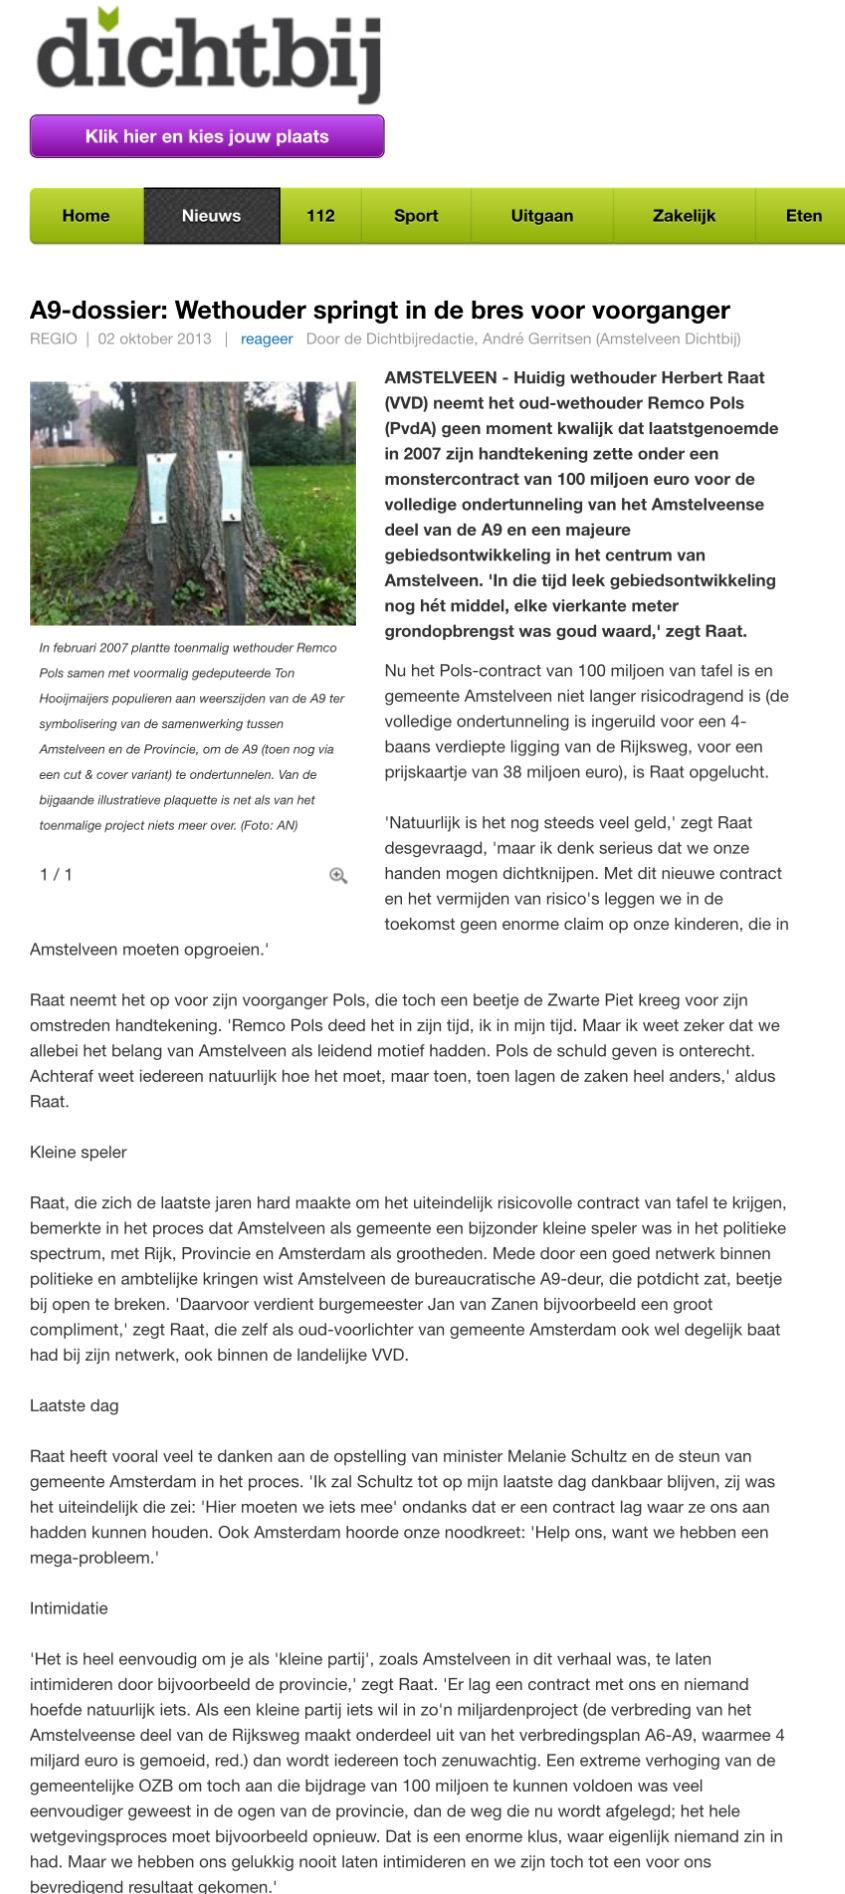 2013-2-10-A9 Herbert Raat Remco Pols in AmstelveenDichtbij.nl